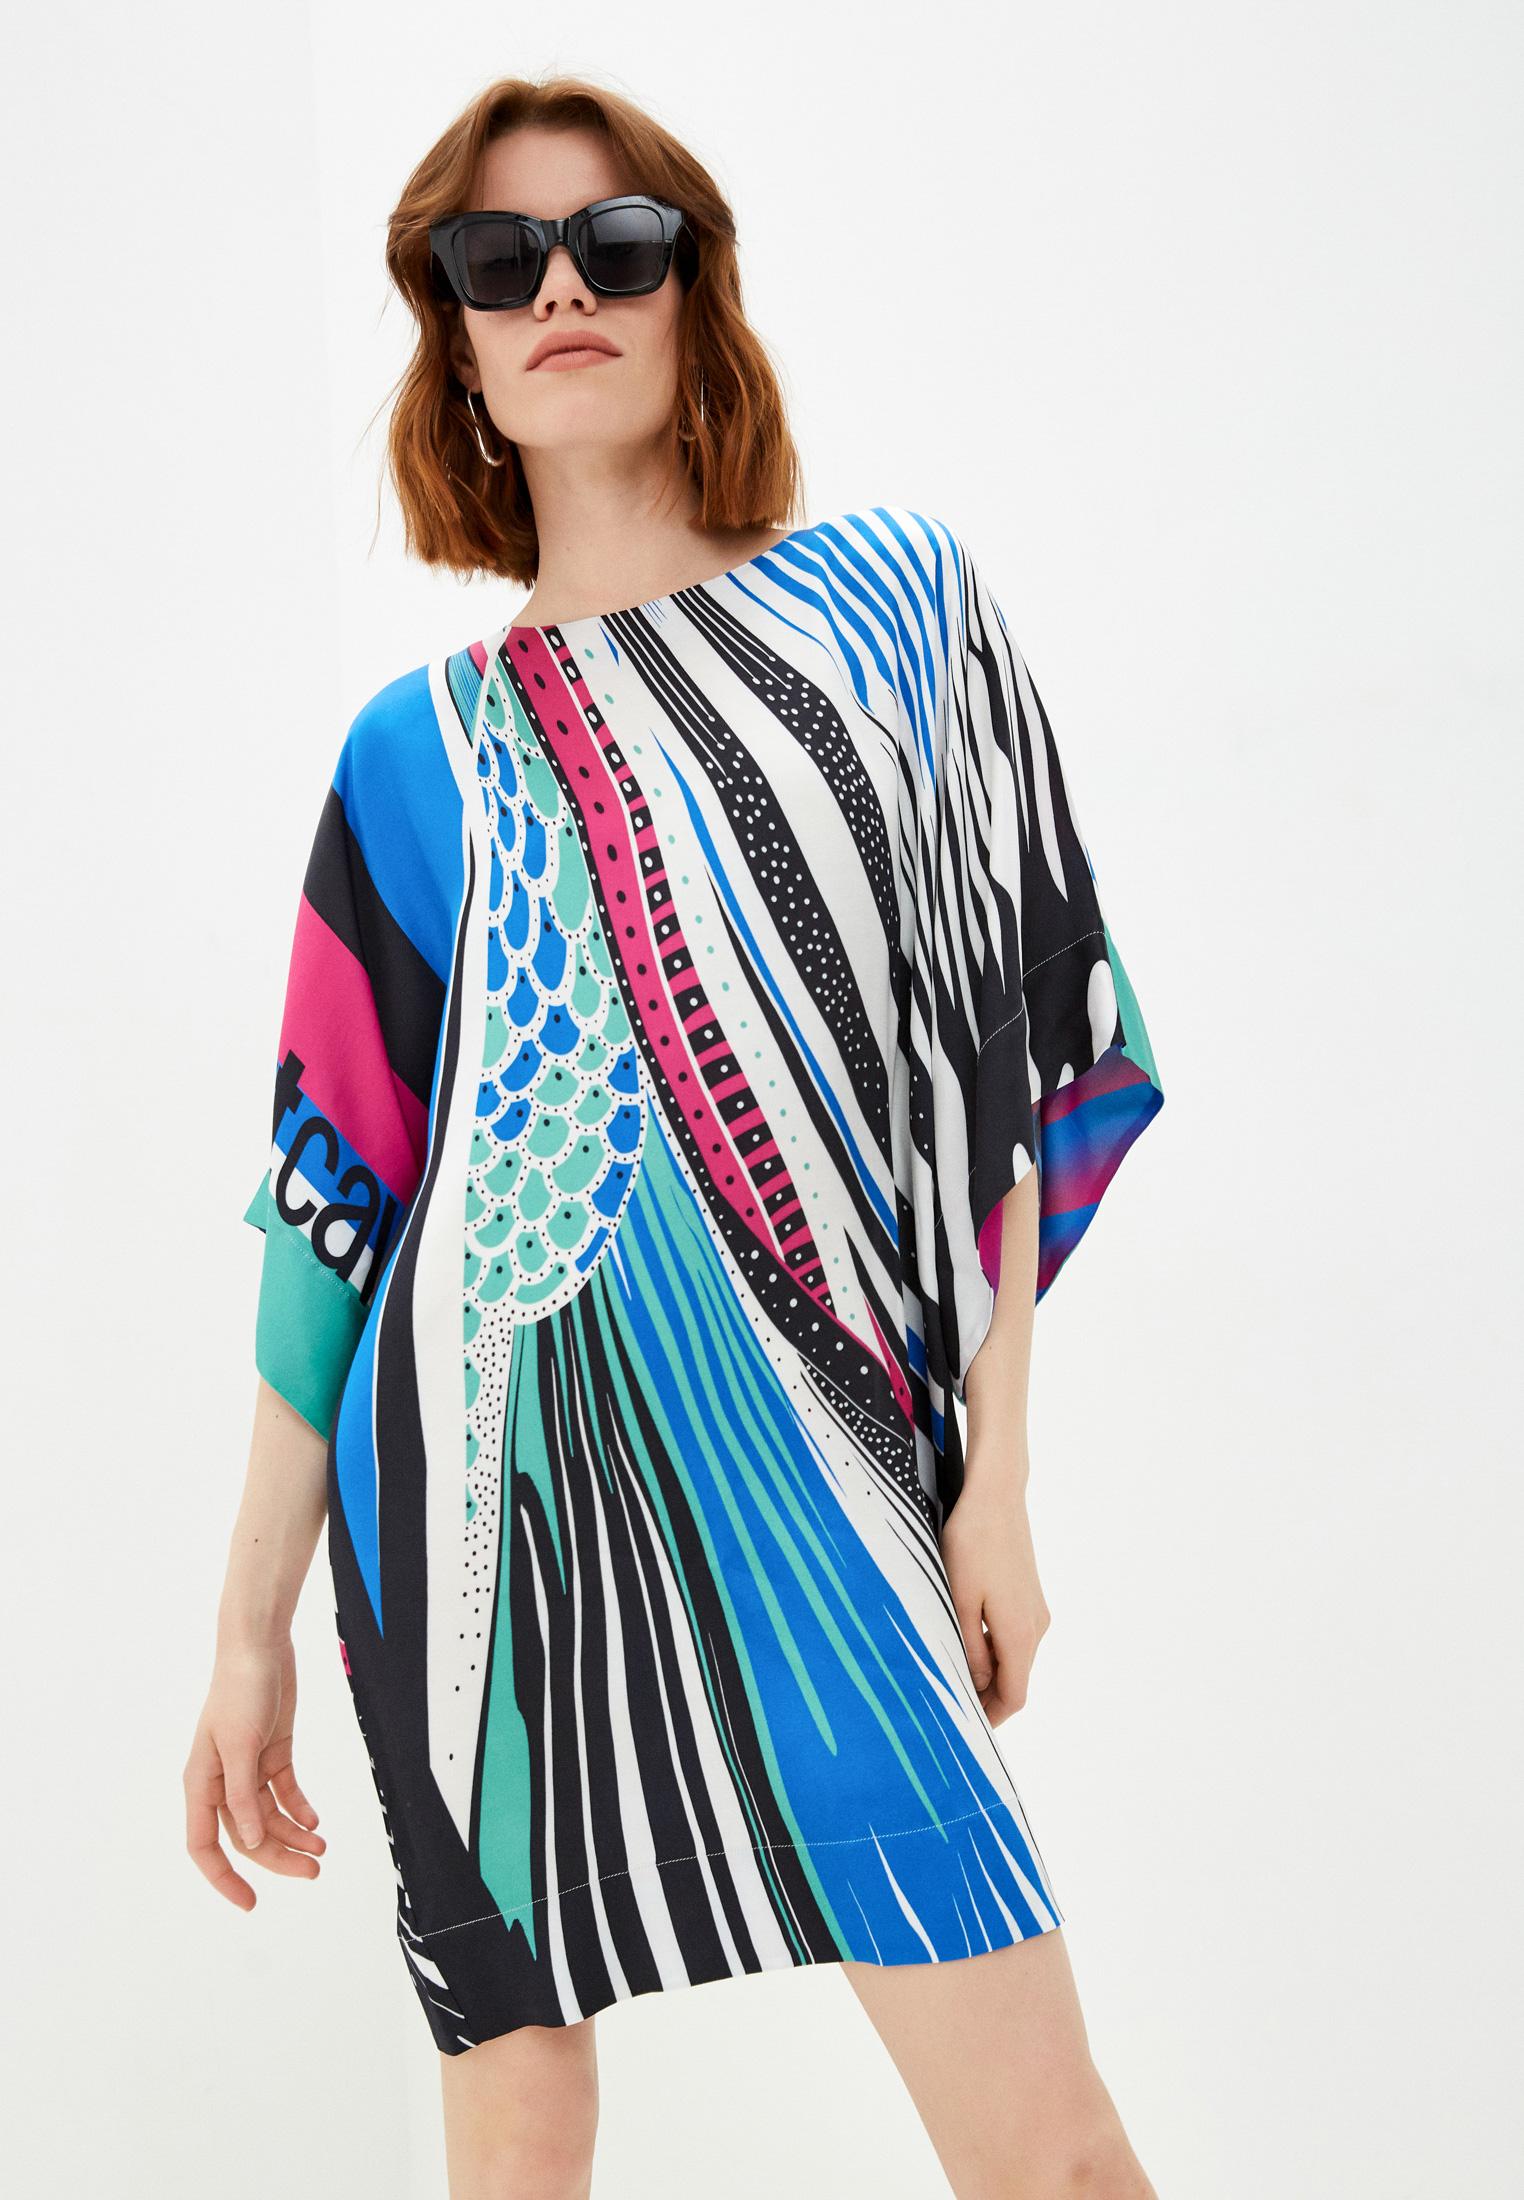 Повседневное платье Just Cavalli (Джаст Кавалли) Платье Just Cavalli